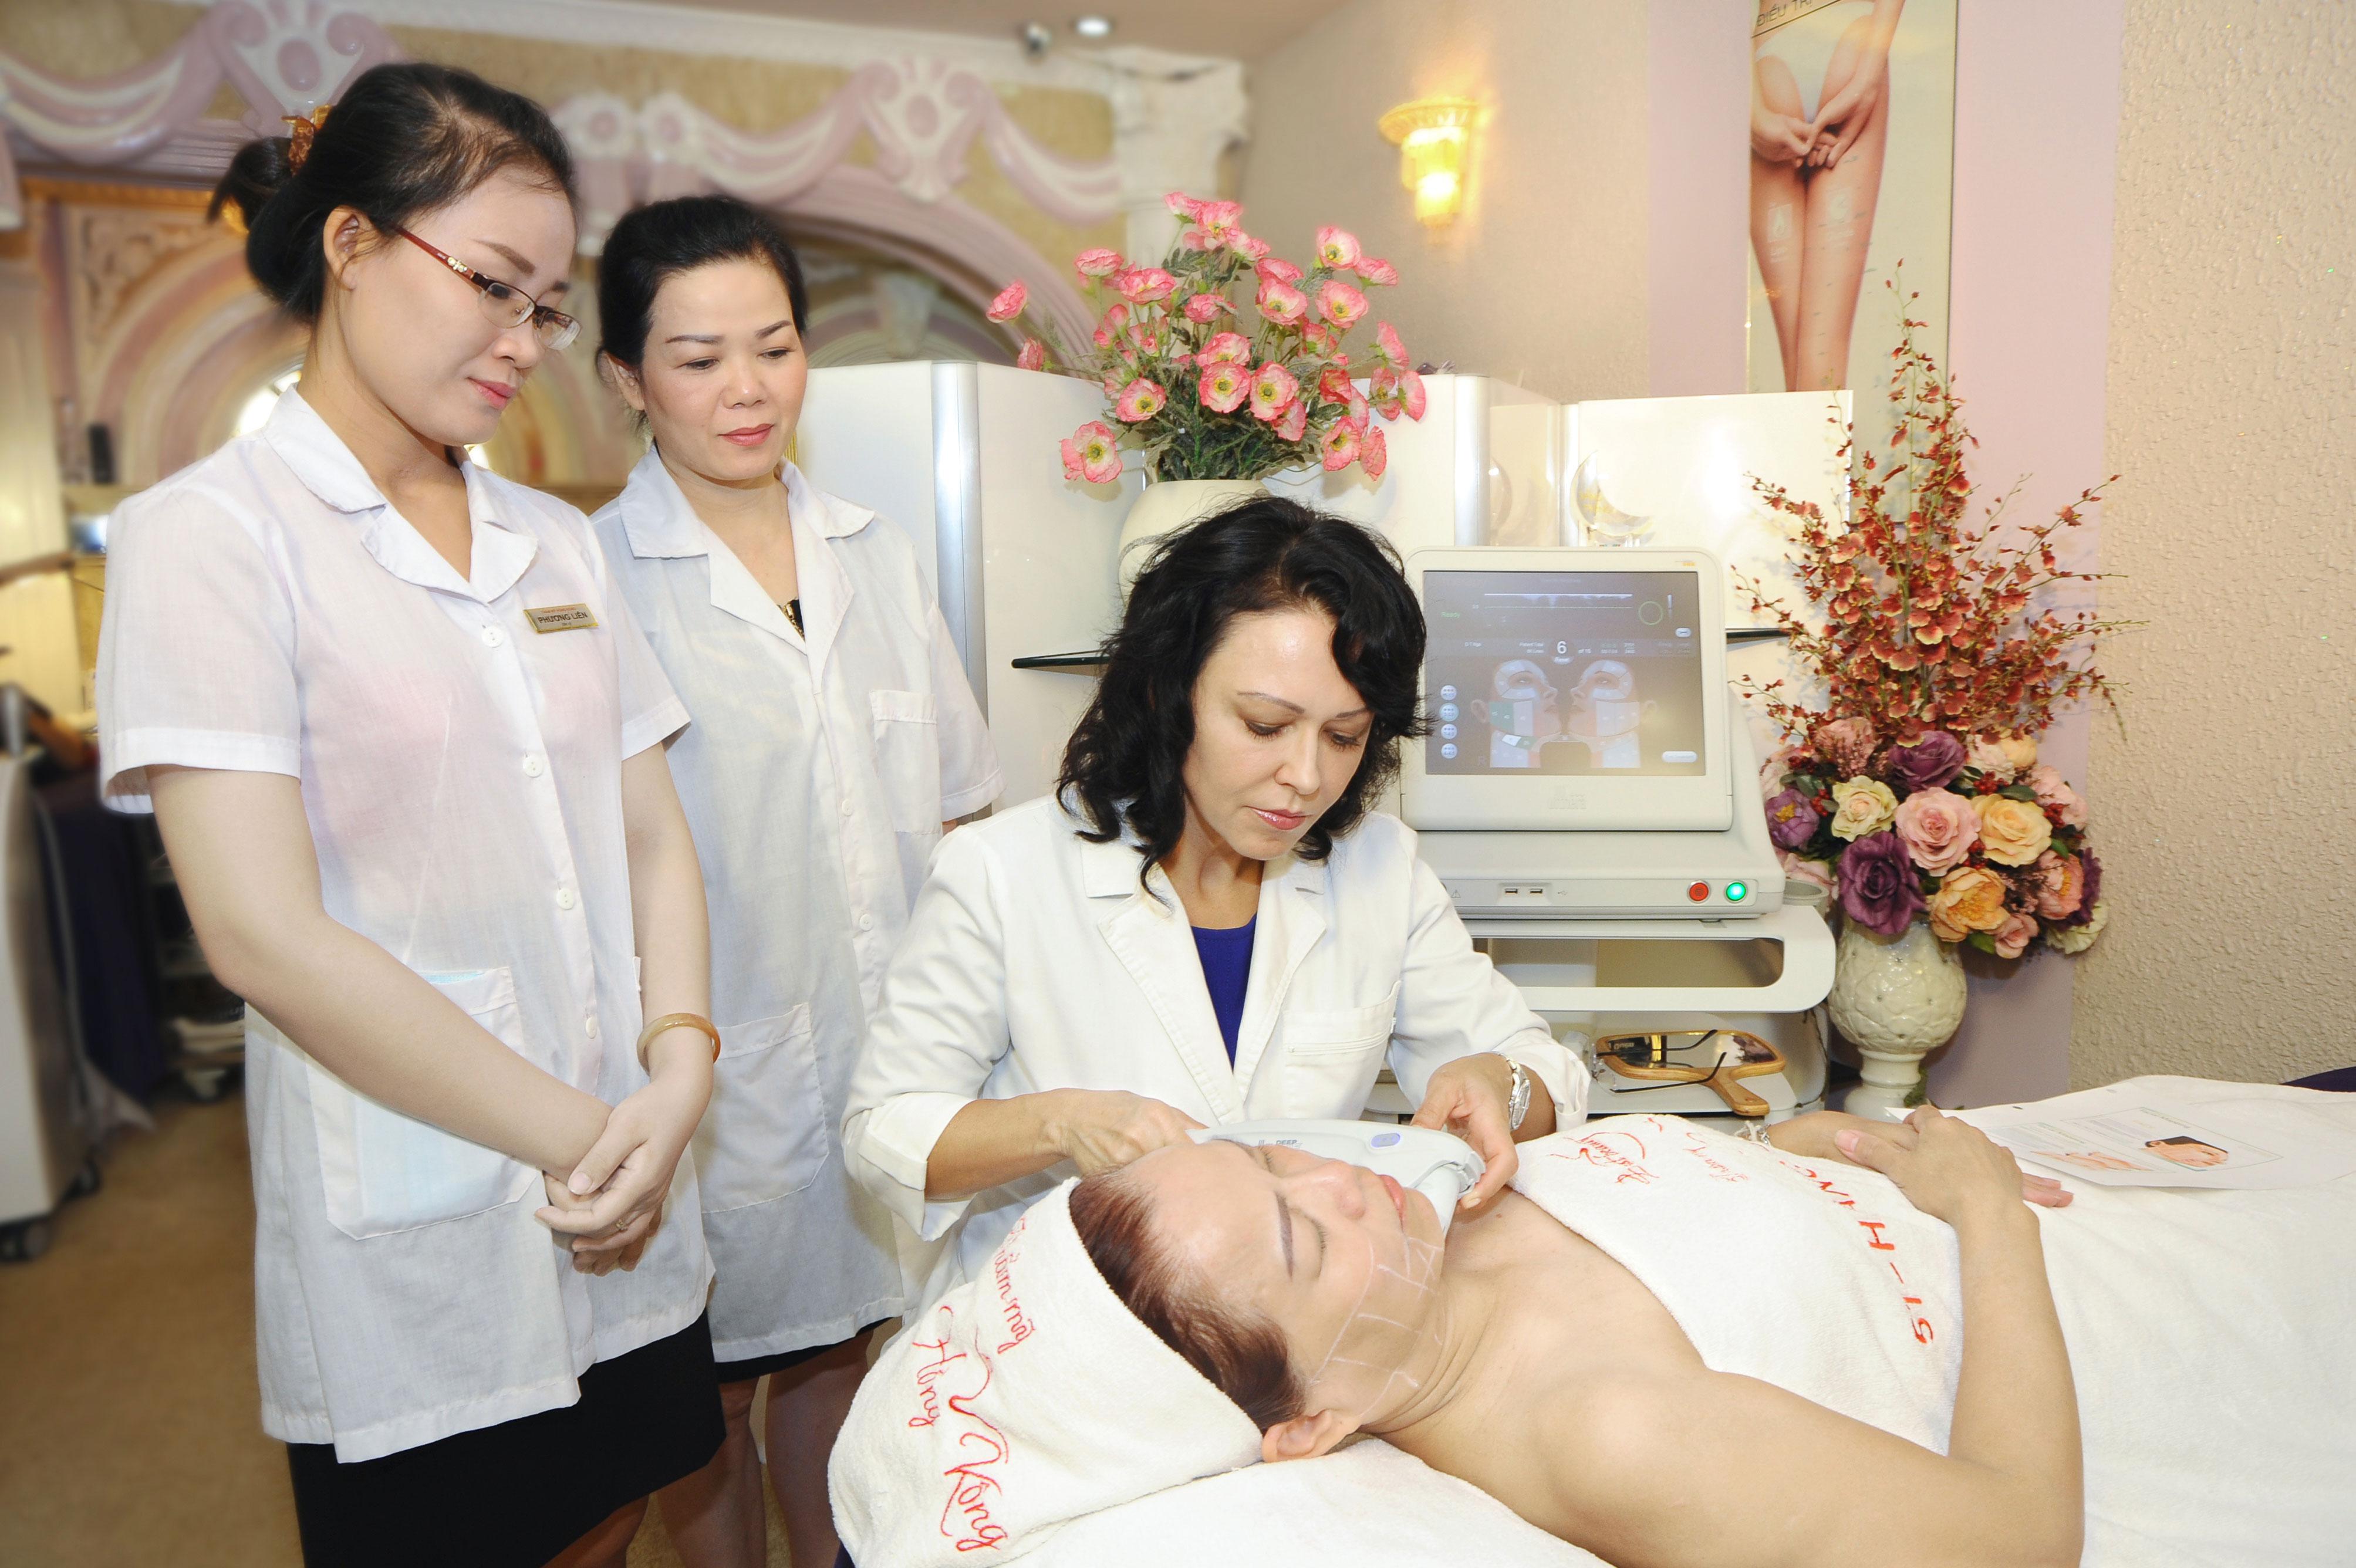 Khách hàng thực hiện căng da mặt bằng công nghệ Ultherapy tại Thẩm mỹ Hồng Kông